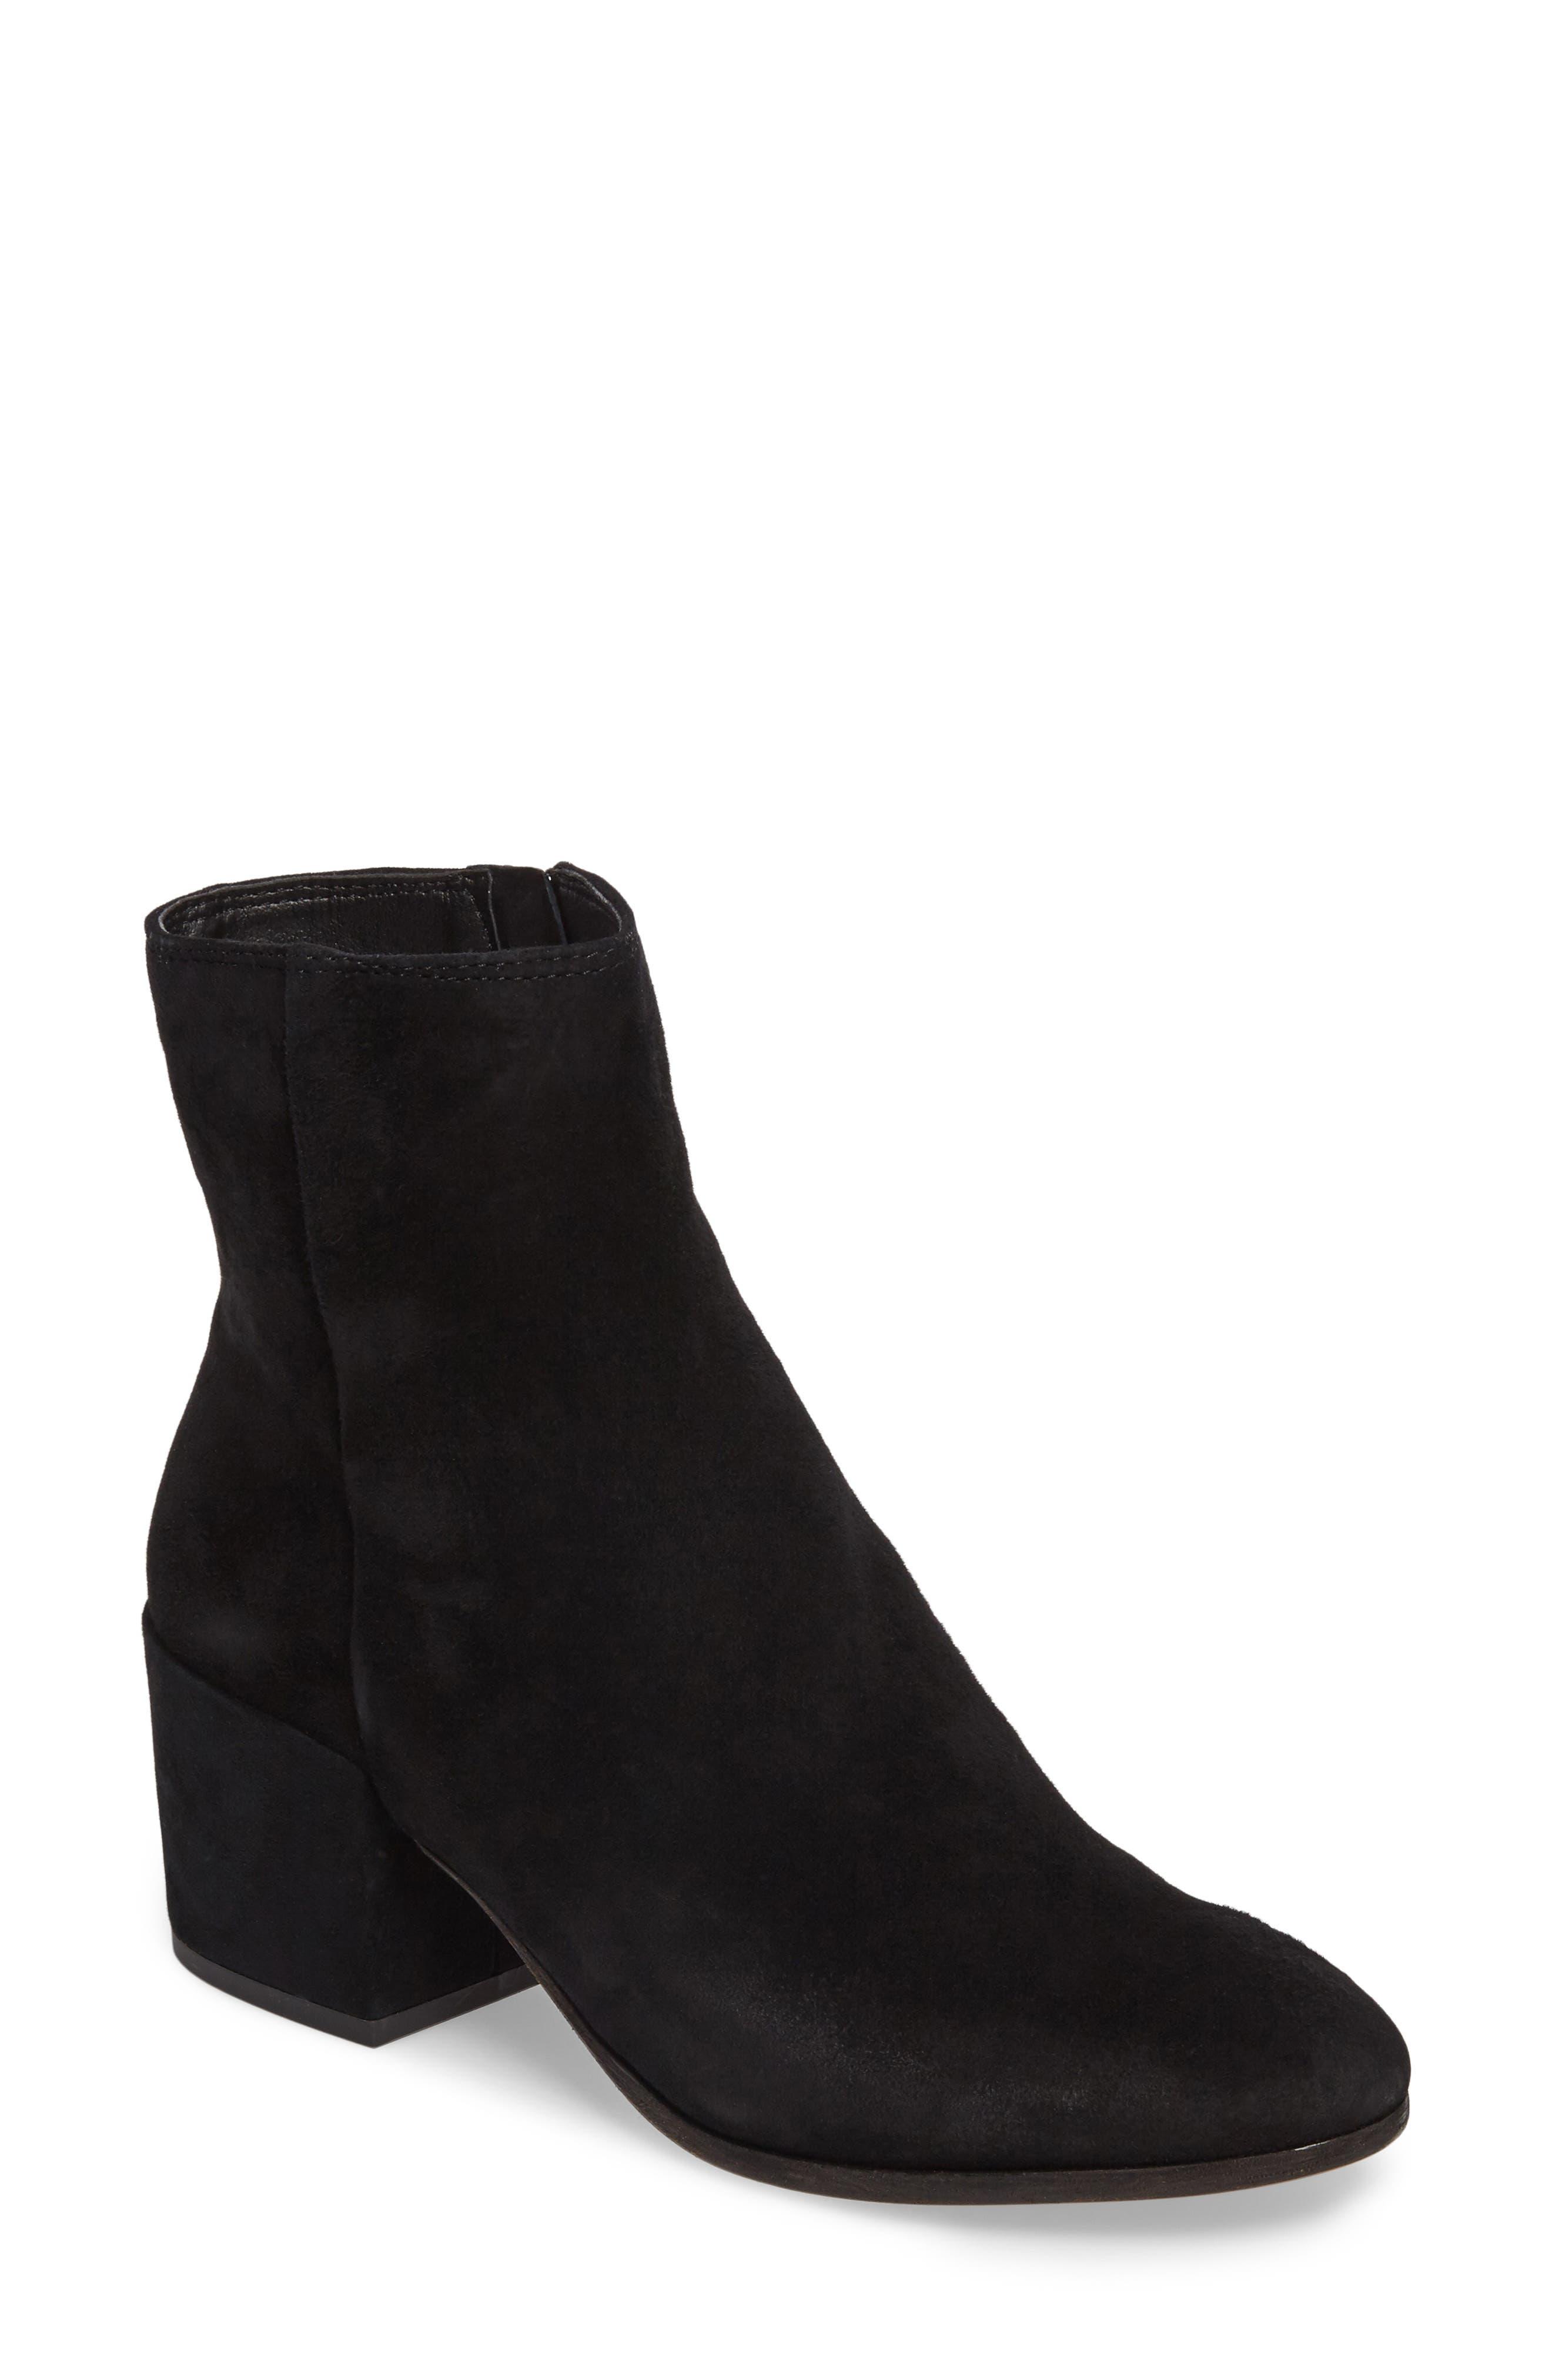 Dolce Vita Maude Block Heel Bootie (Women)